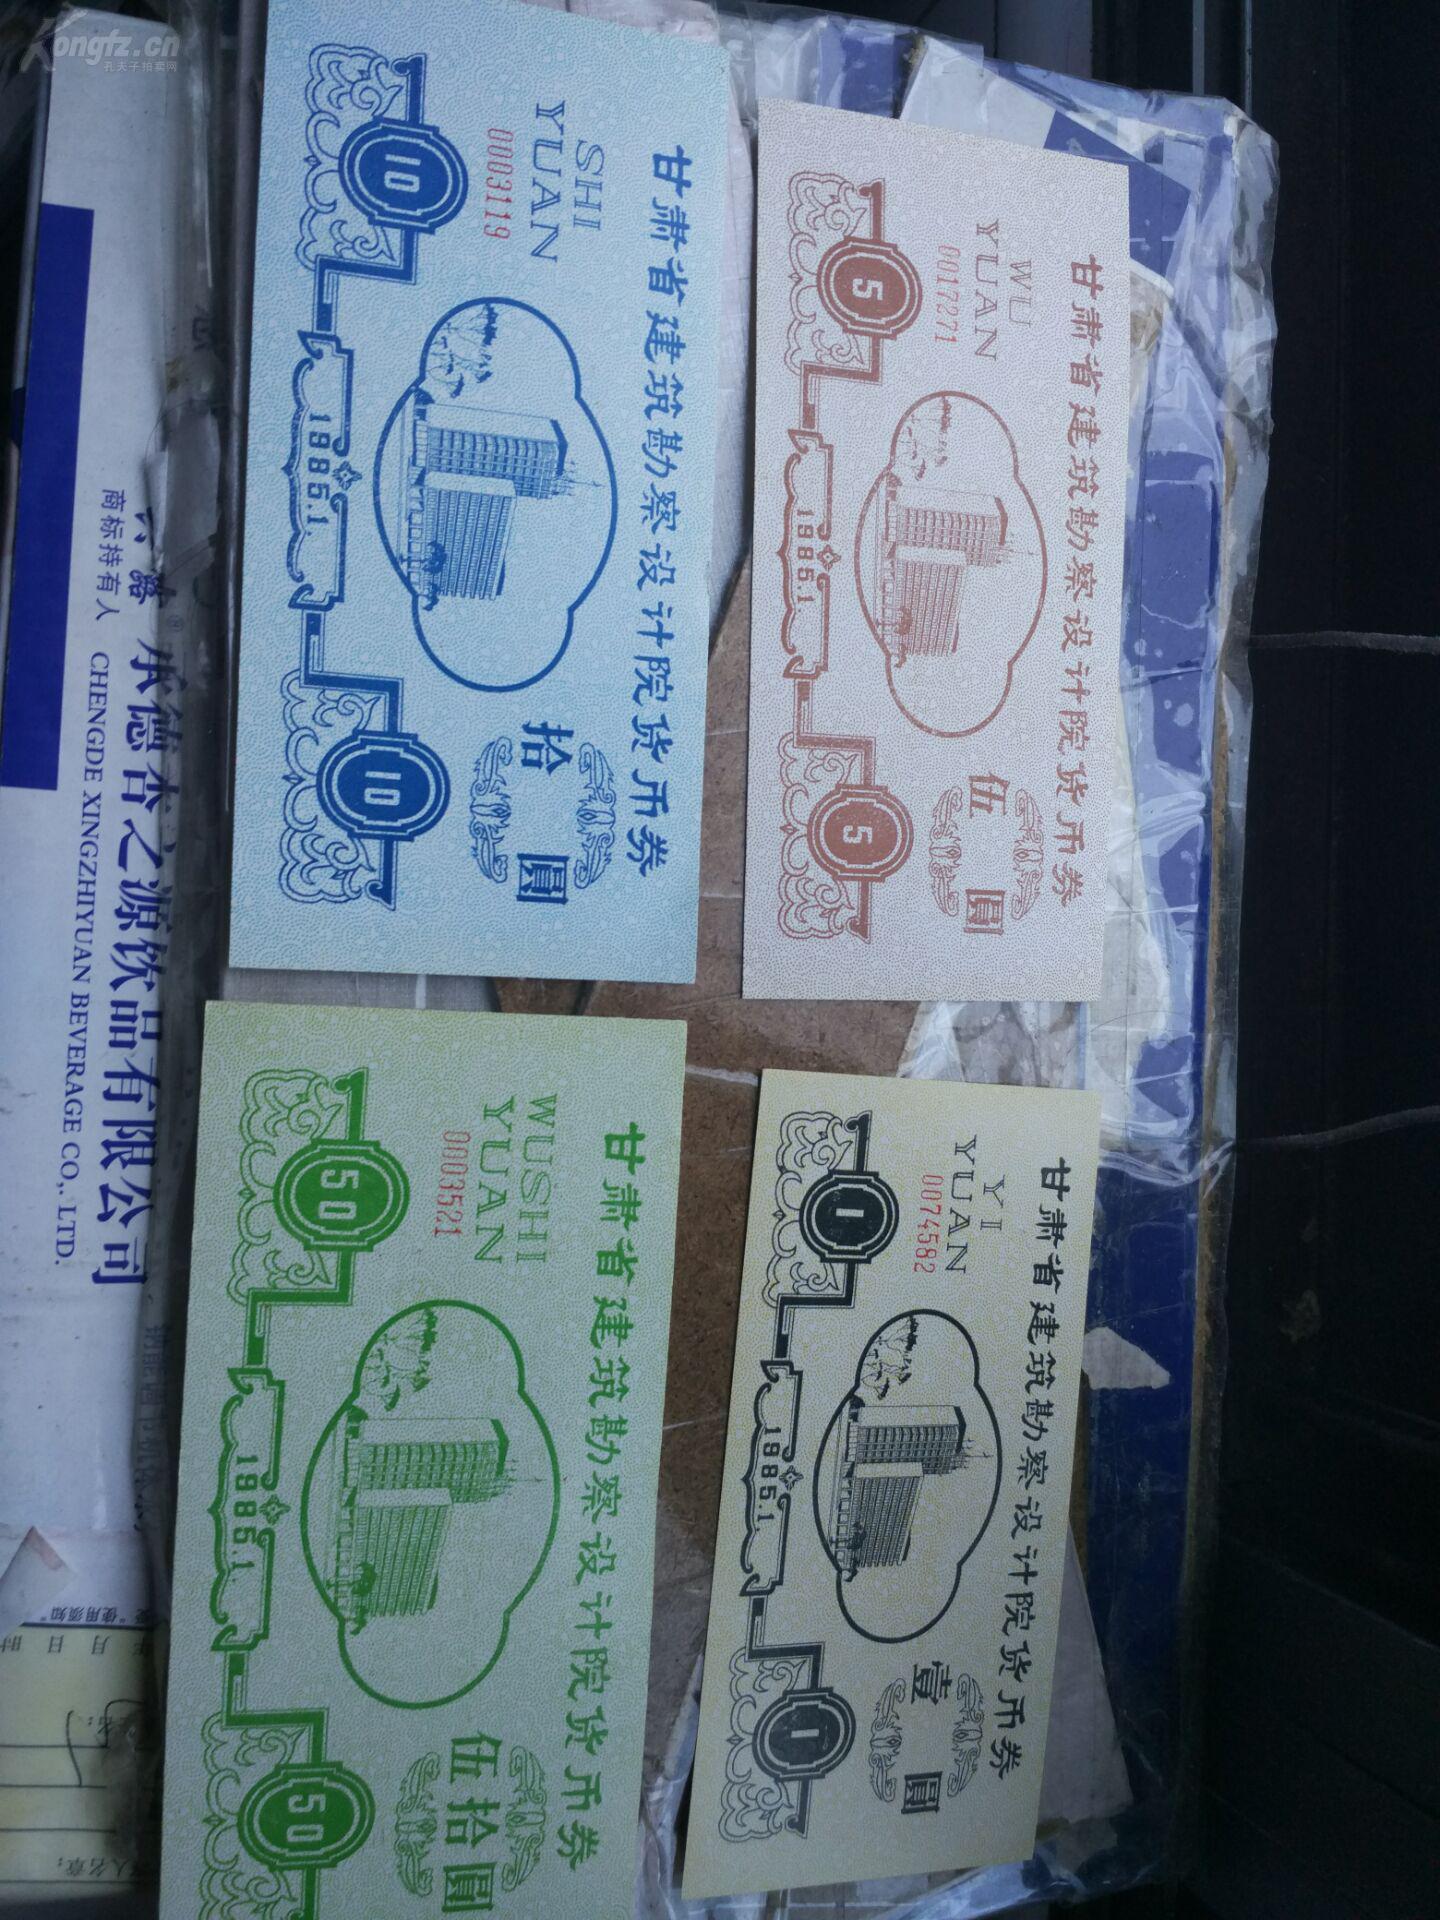 【图】甘肃省大赛设计院侨乡券--大幅4张套_网梁思成杯货币全球建筑设计勘察图片